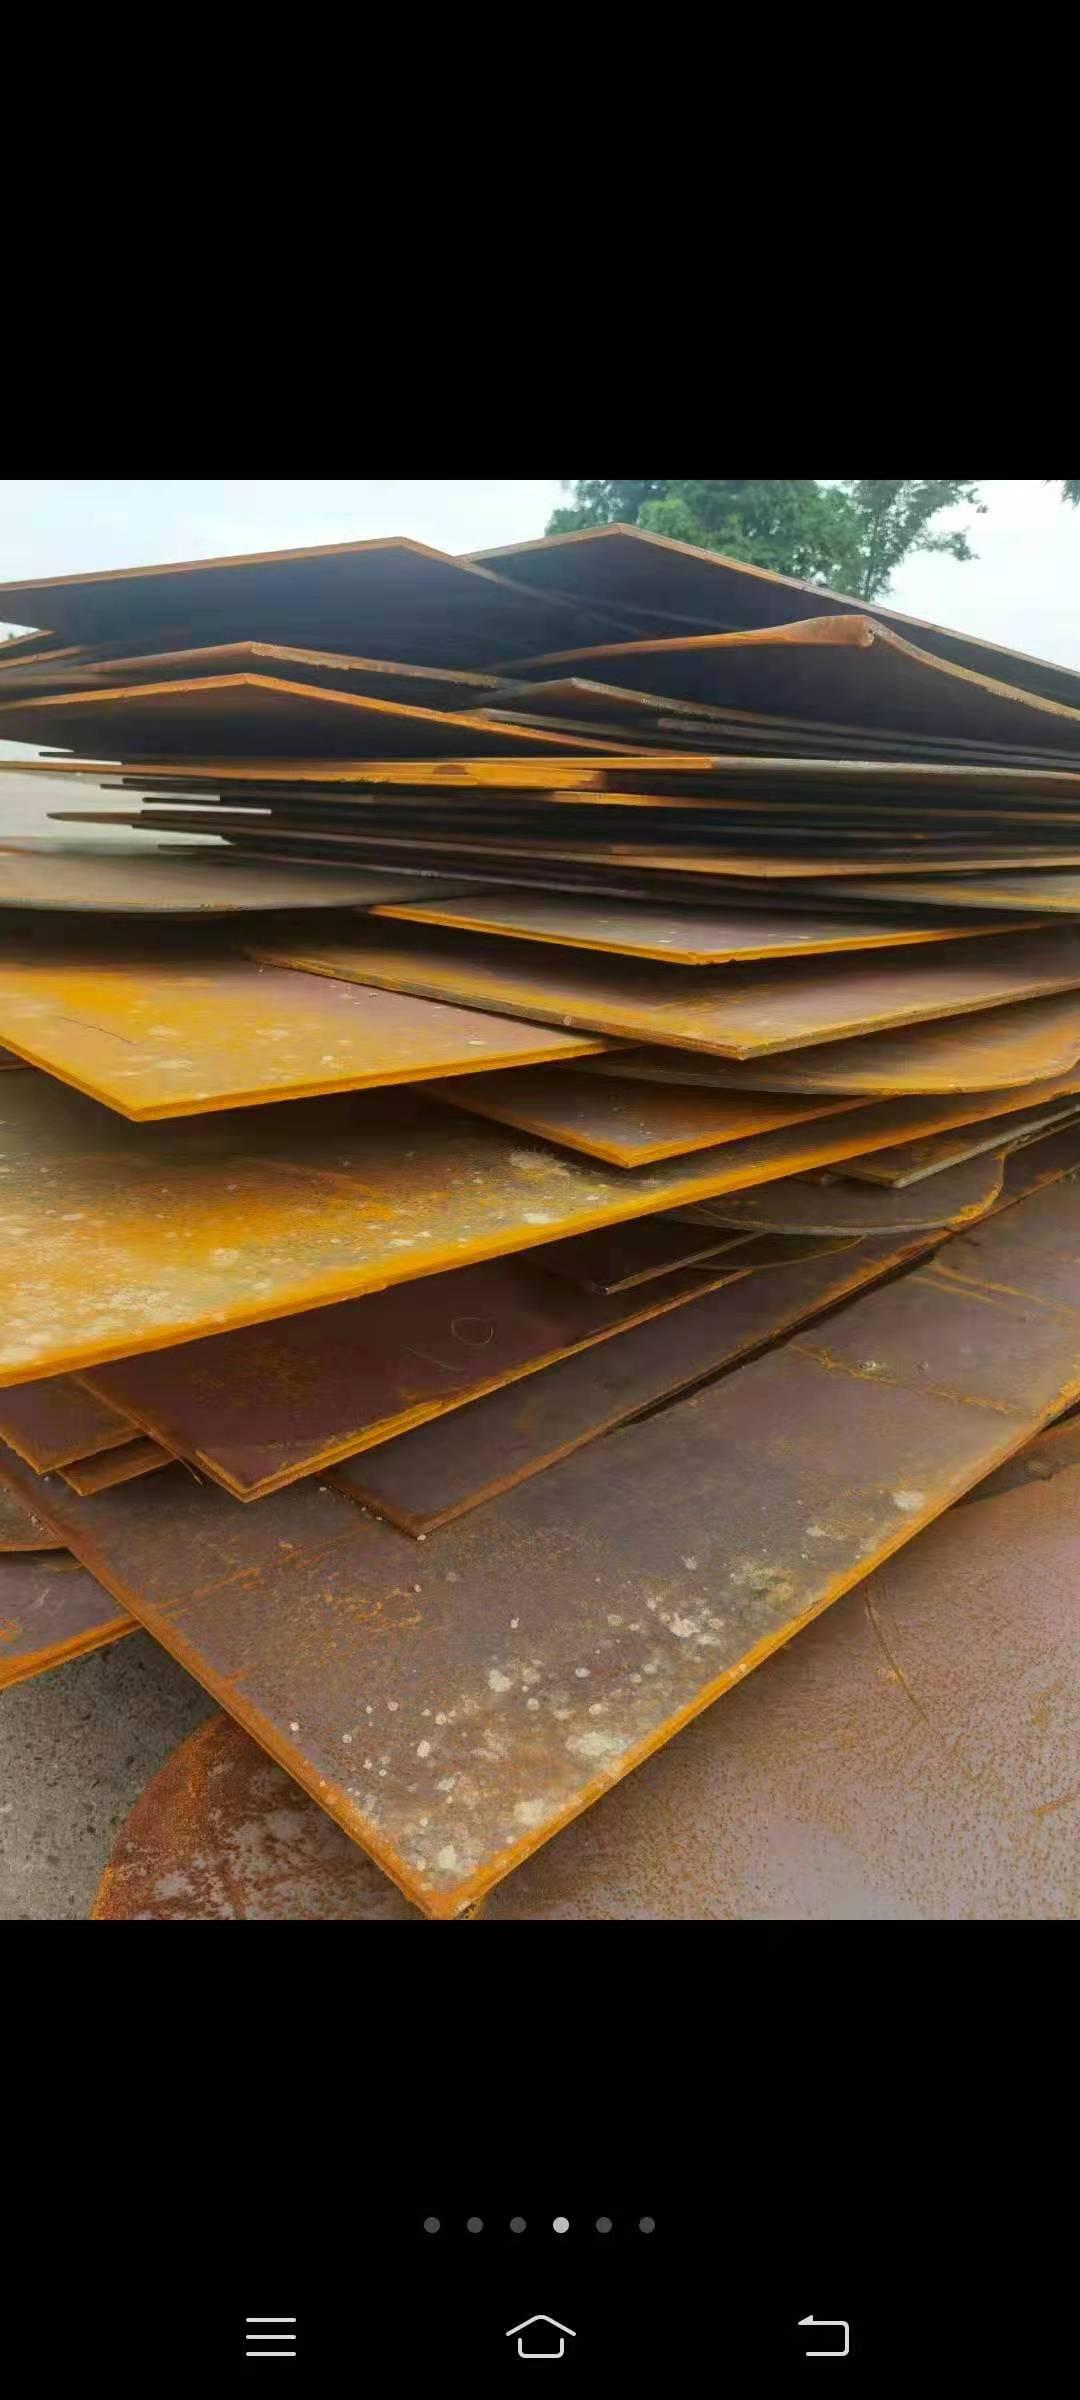 常州志朋物资回收对废旧金属回收再生讲解